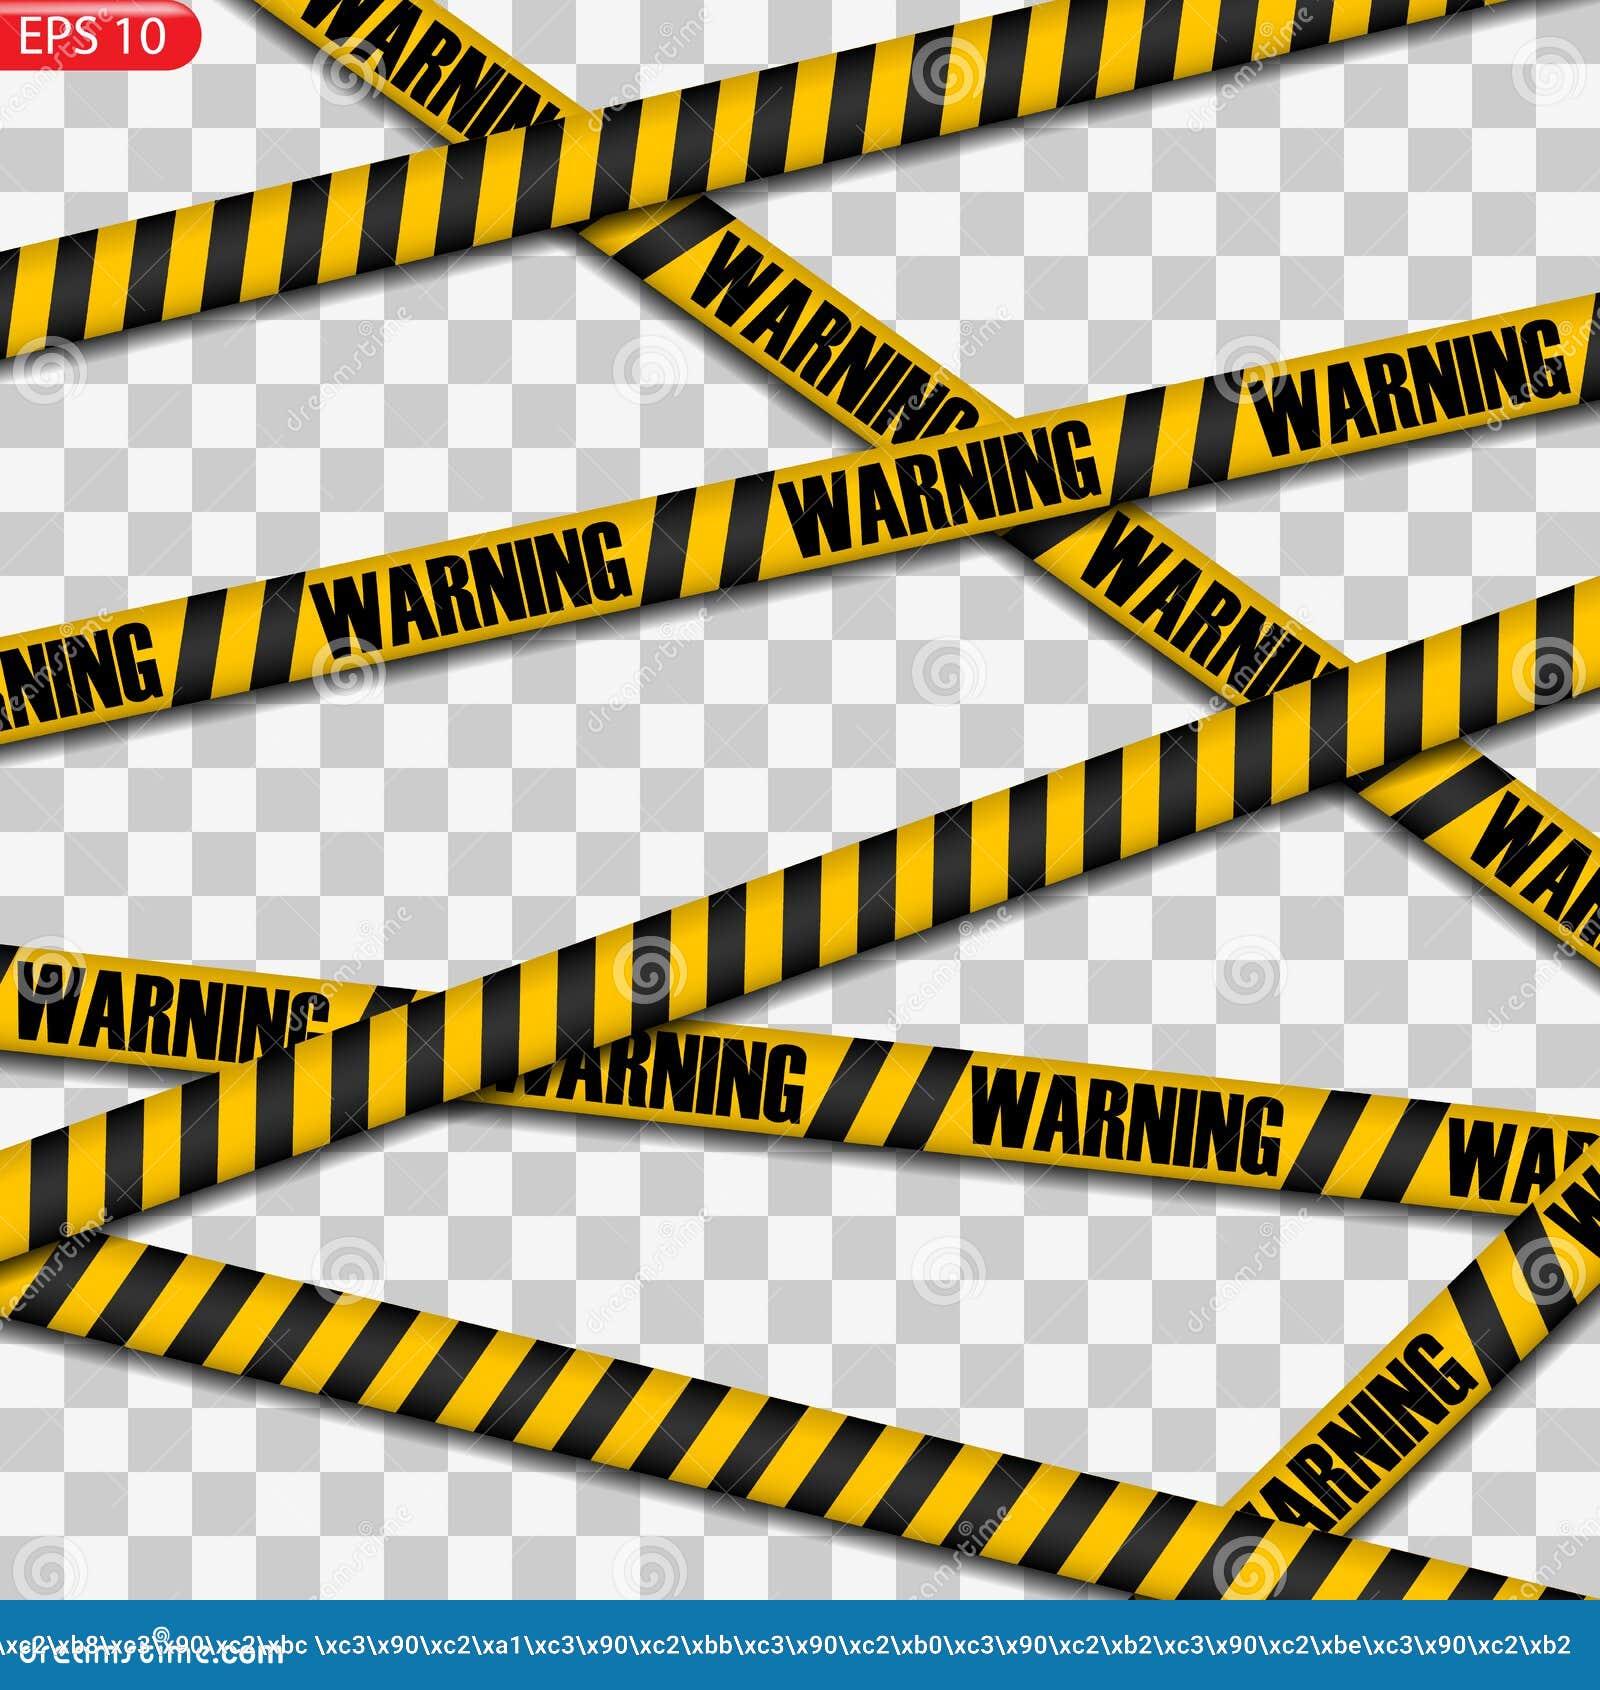 Linee nere e gialle di cautela isolate